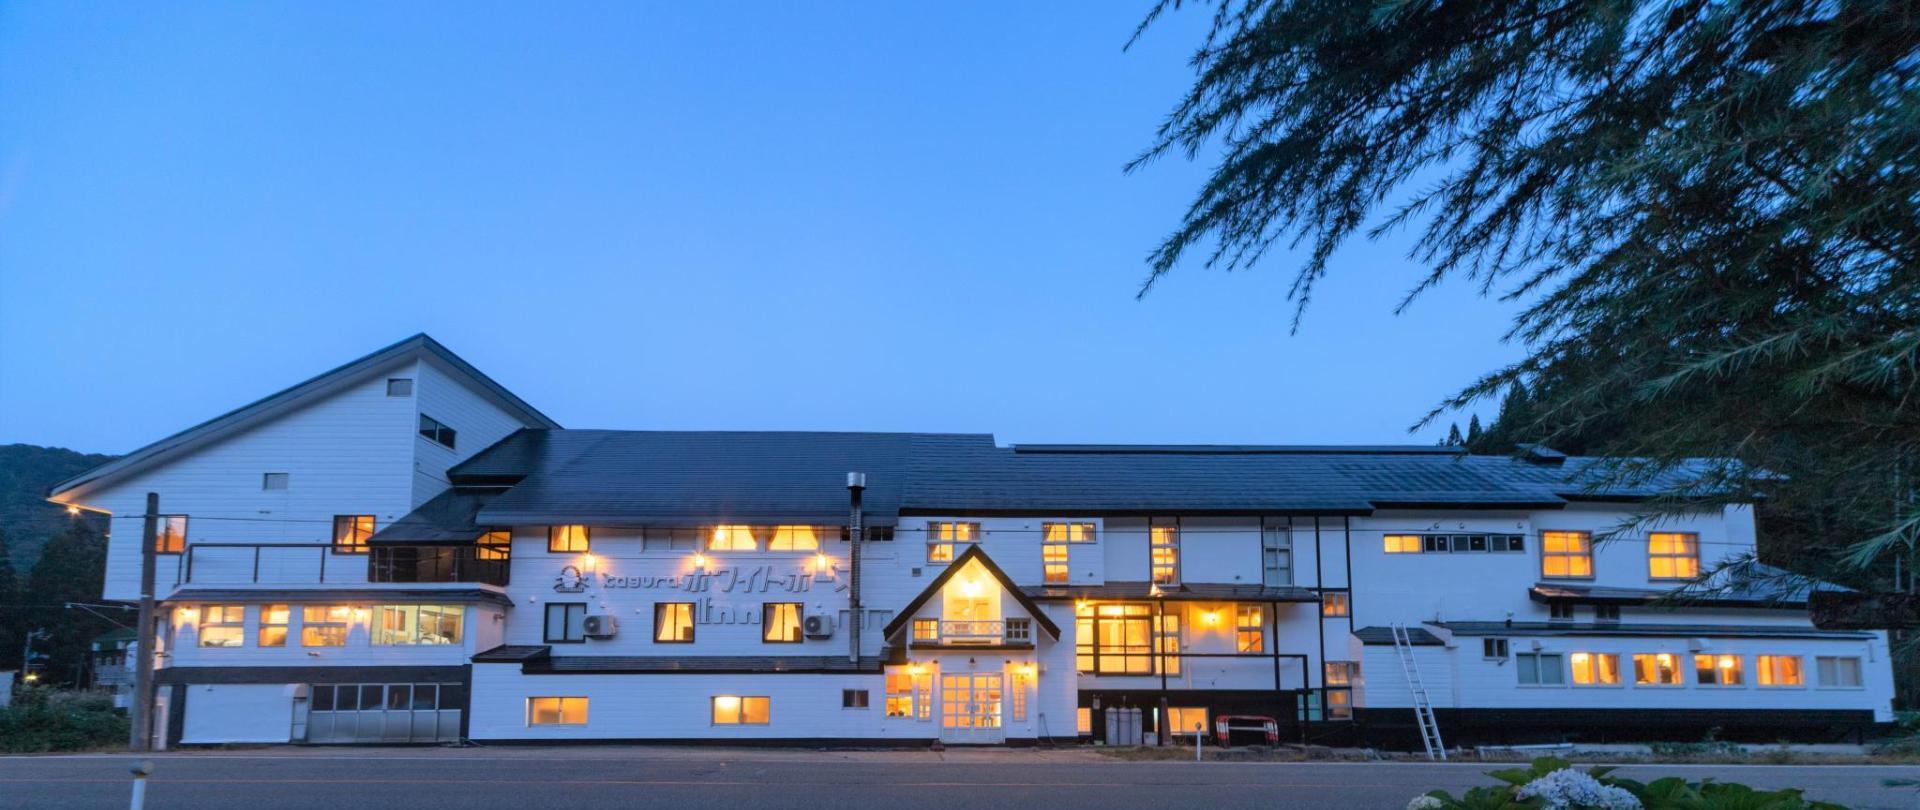 神樂白馬酒店